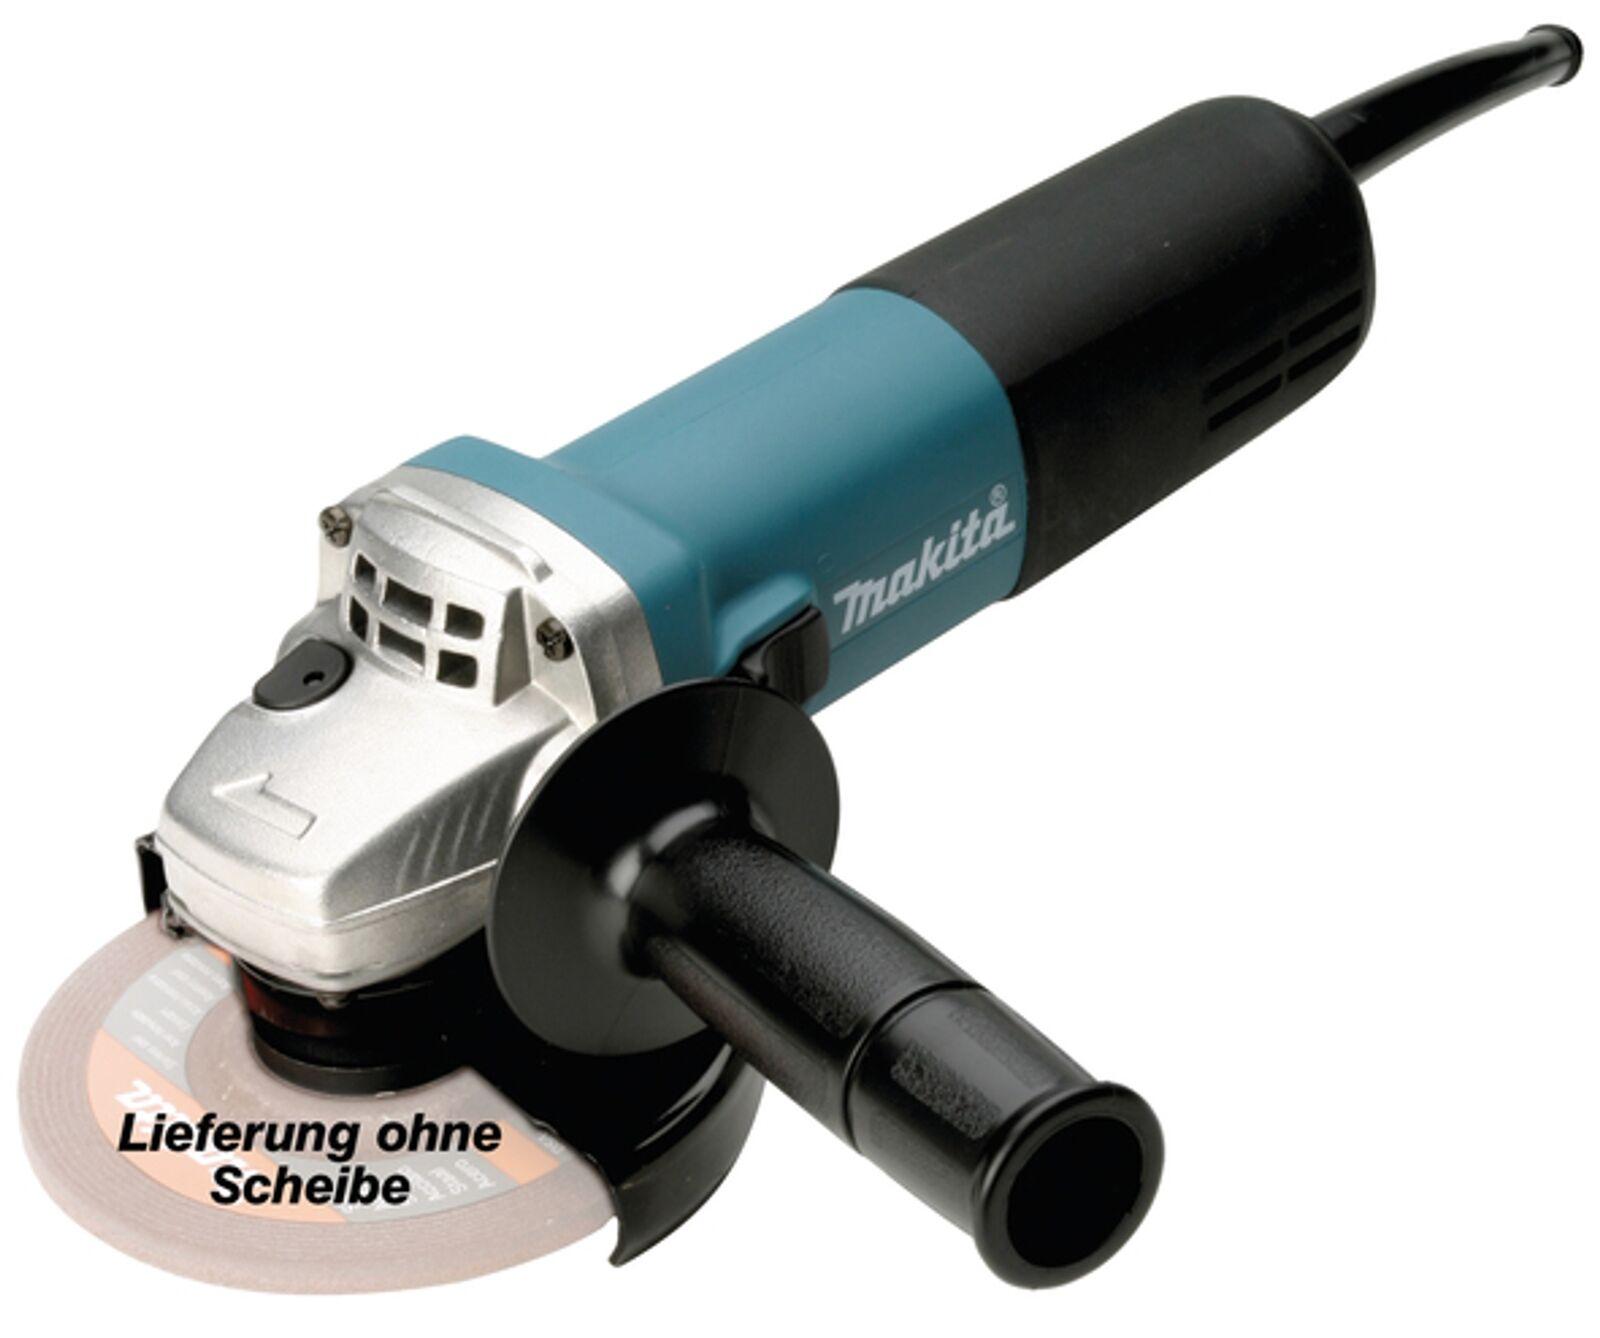 Makita Winkelschleifer 9558NBRZ 125mm 840W